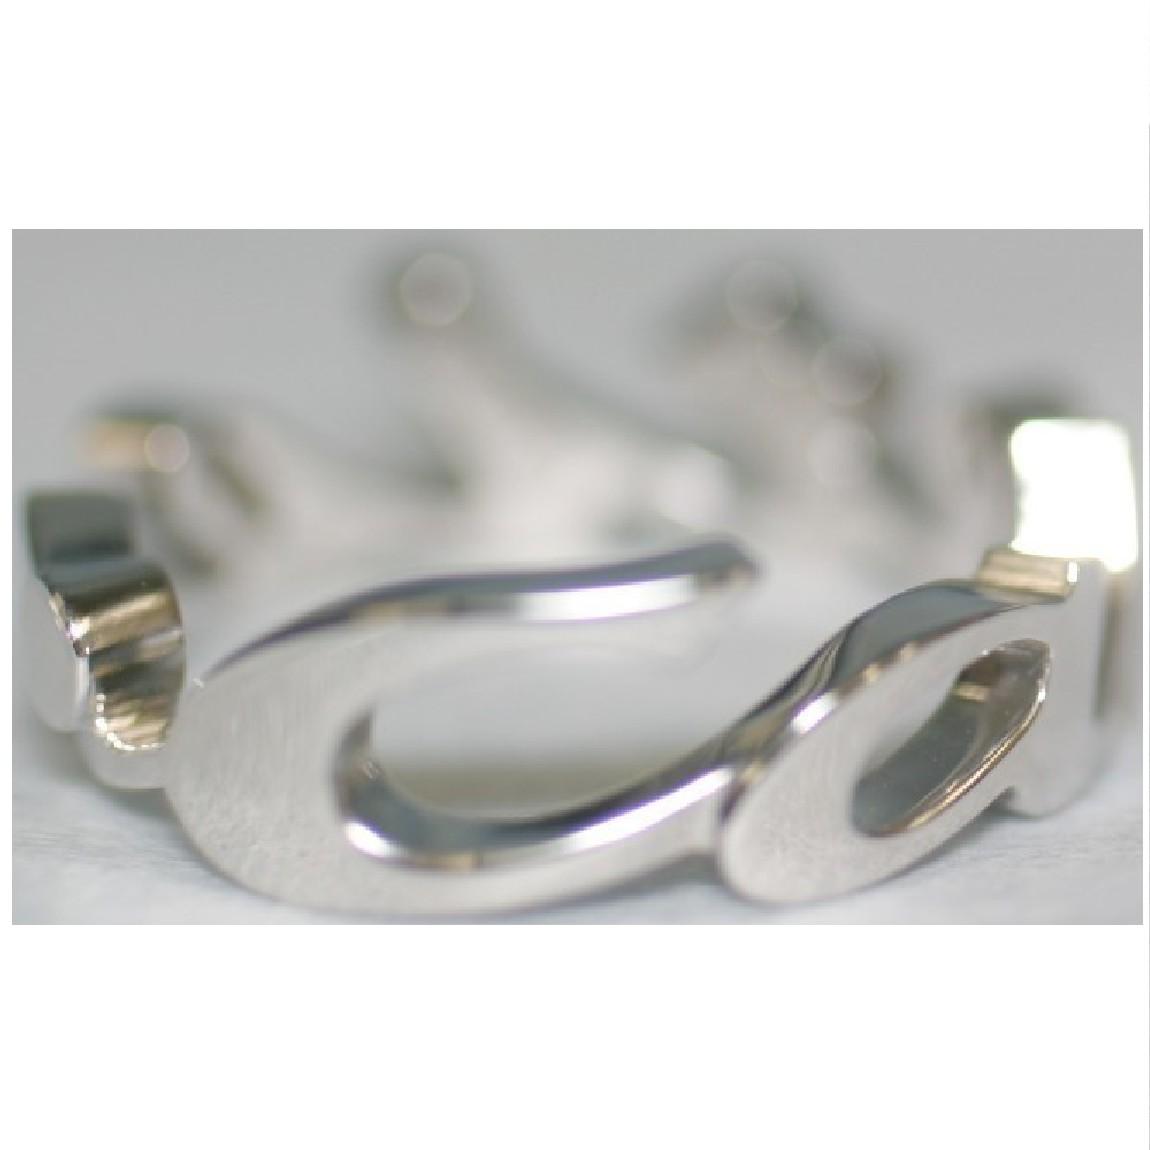 【中古】本物カルティエで新品仕上げ済みカルティエK18ホワイトゴールドクリスマス限定シグネチャーモチーフの指輪サイズ49